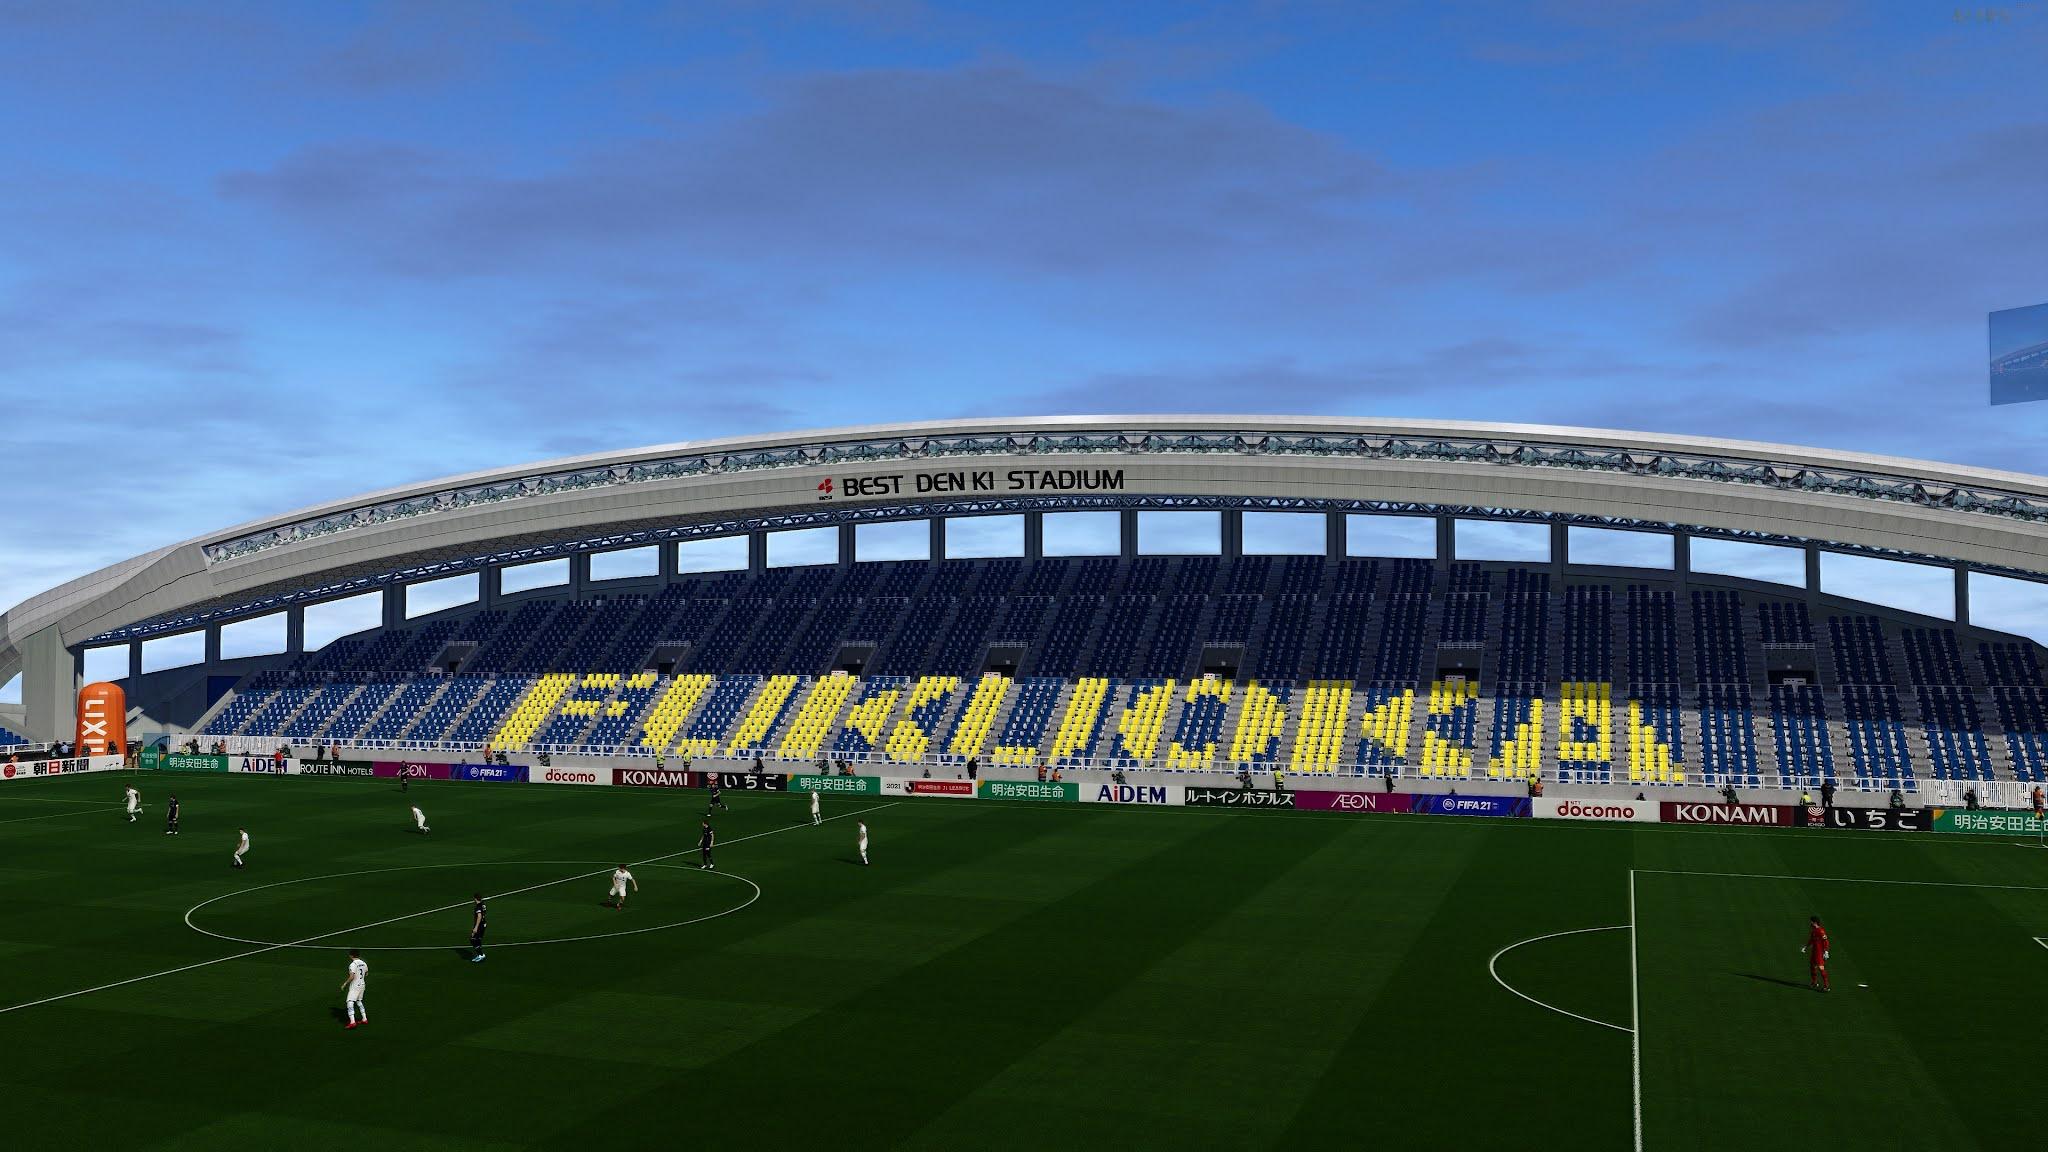 PES 2021 Best Denki Stadium